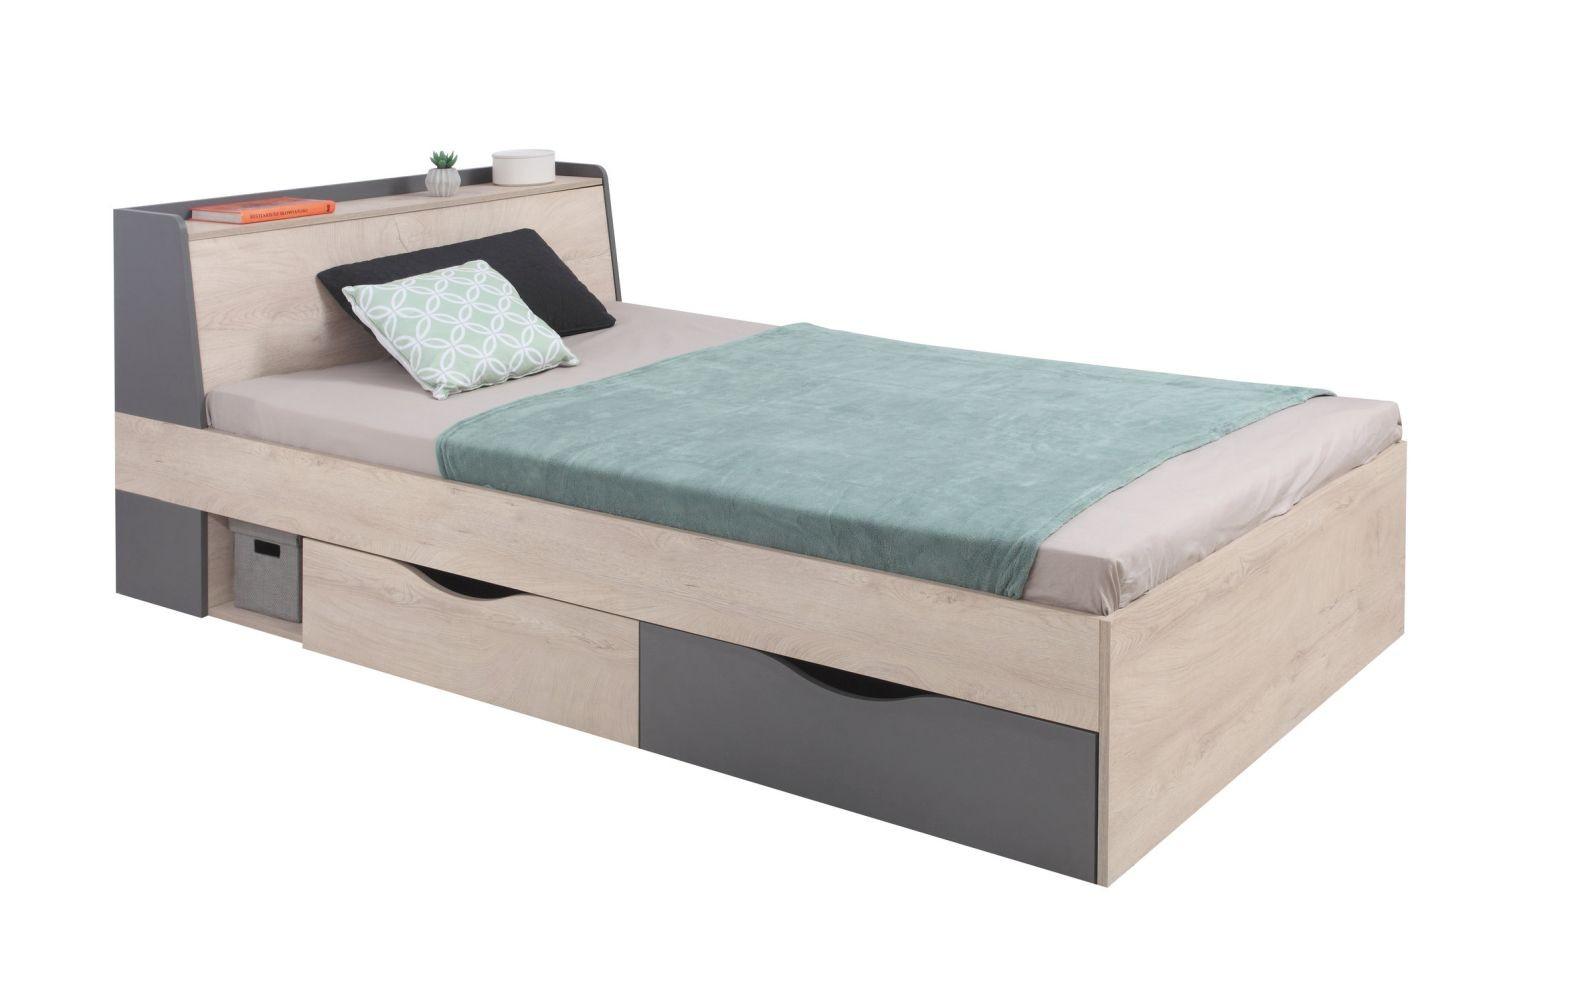 Full Size of Kinderbett 120x200 Jugendbett Chiny 15 Betten Bett Weiß Mit Bettkasten Matratze Und Lattenrost Wohnzimmer Kinderbett 120x200